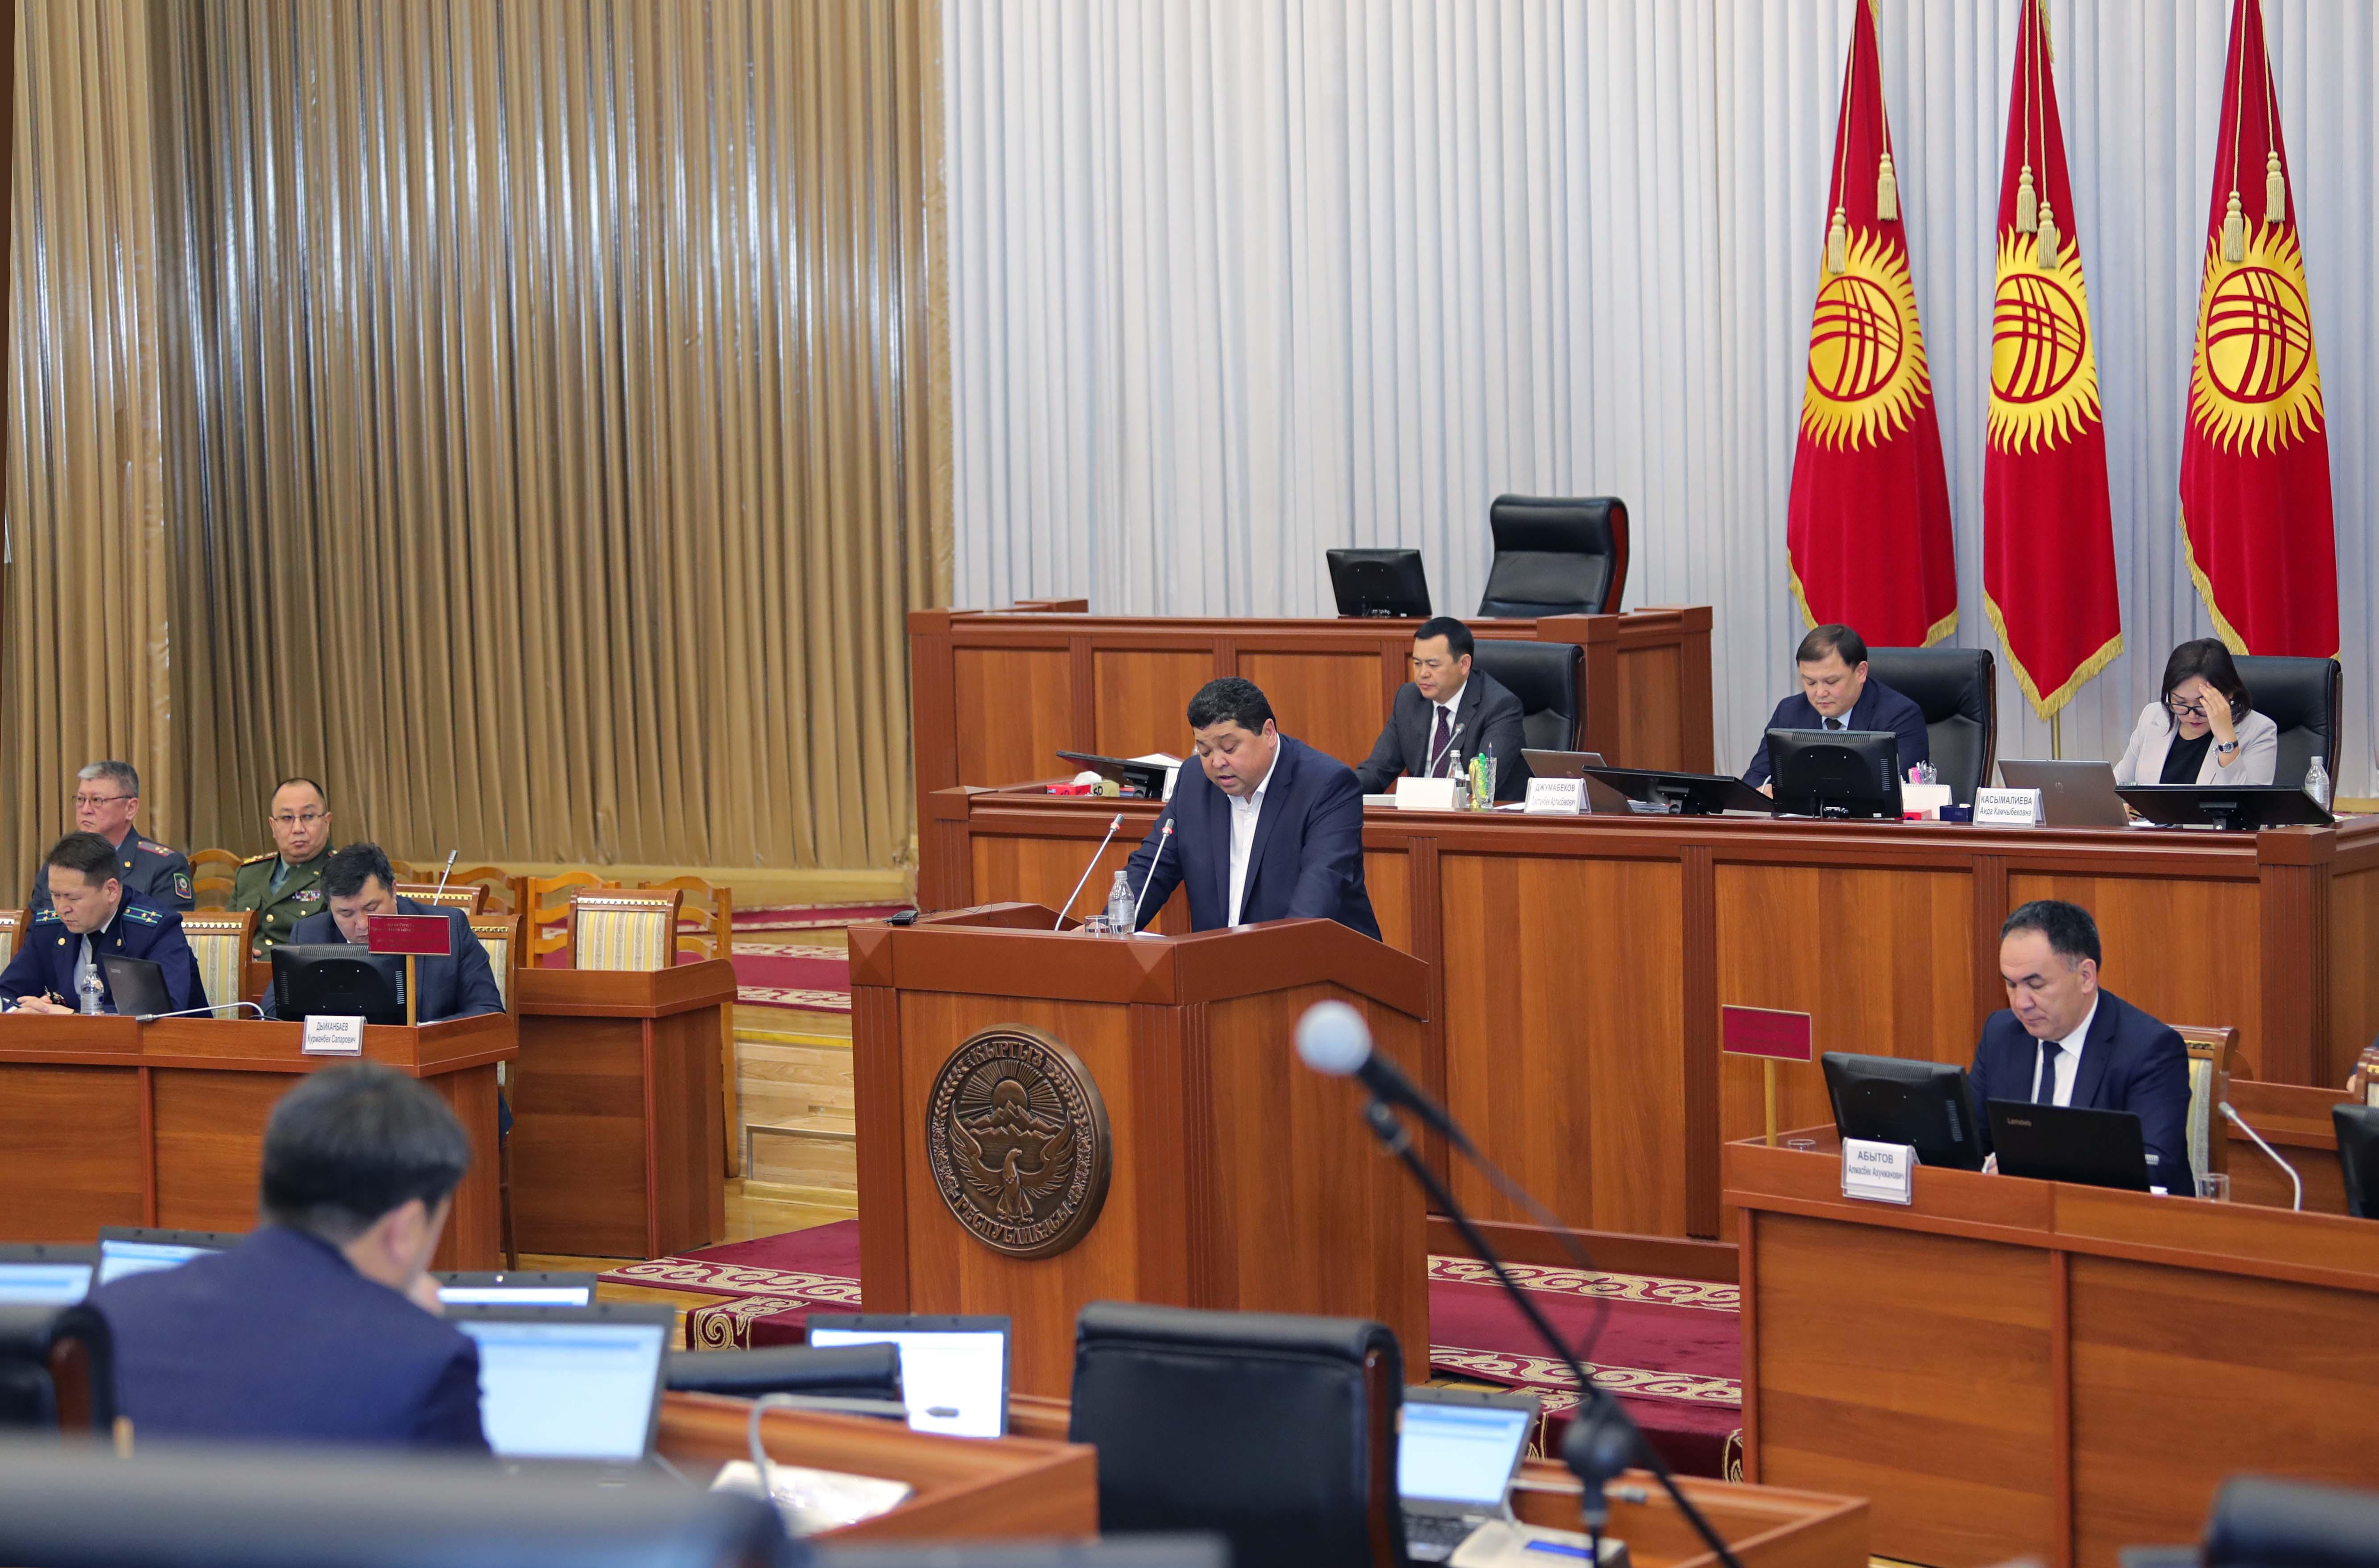 Мамкомиссия: Кой-Таш окуясында Атамбаев өлкөдөгү саясий кырдаалды курчутуу аракет жасаган